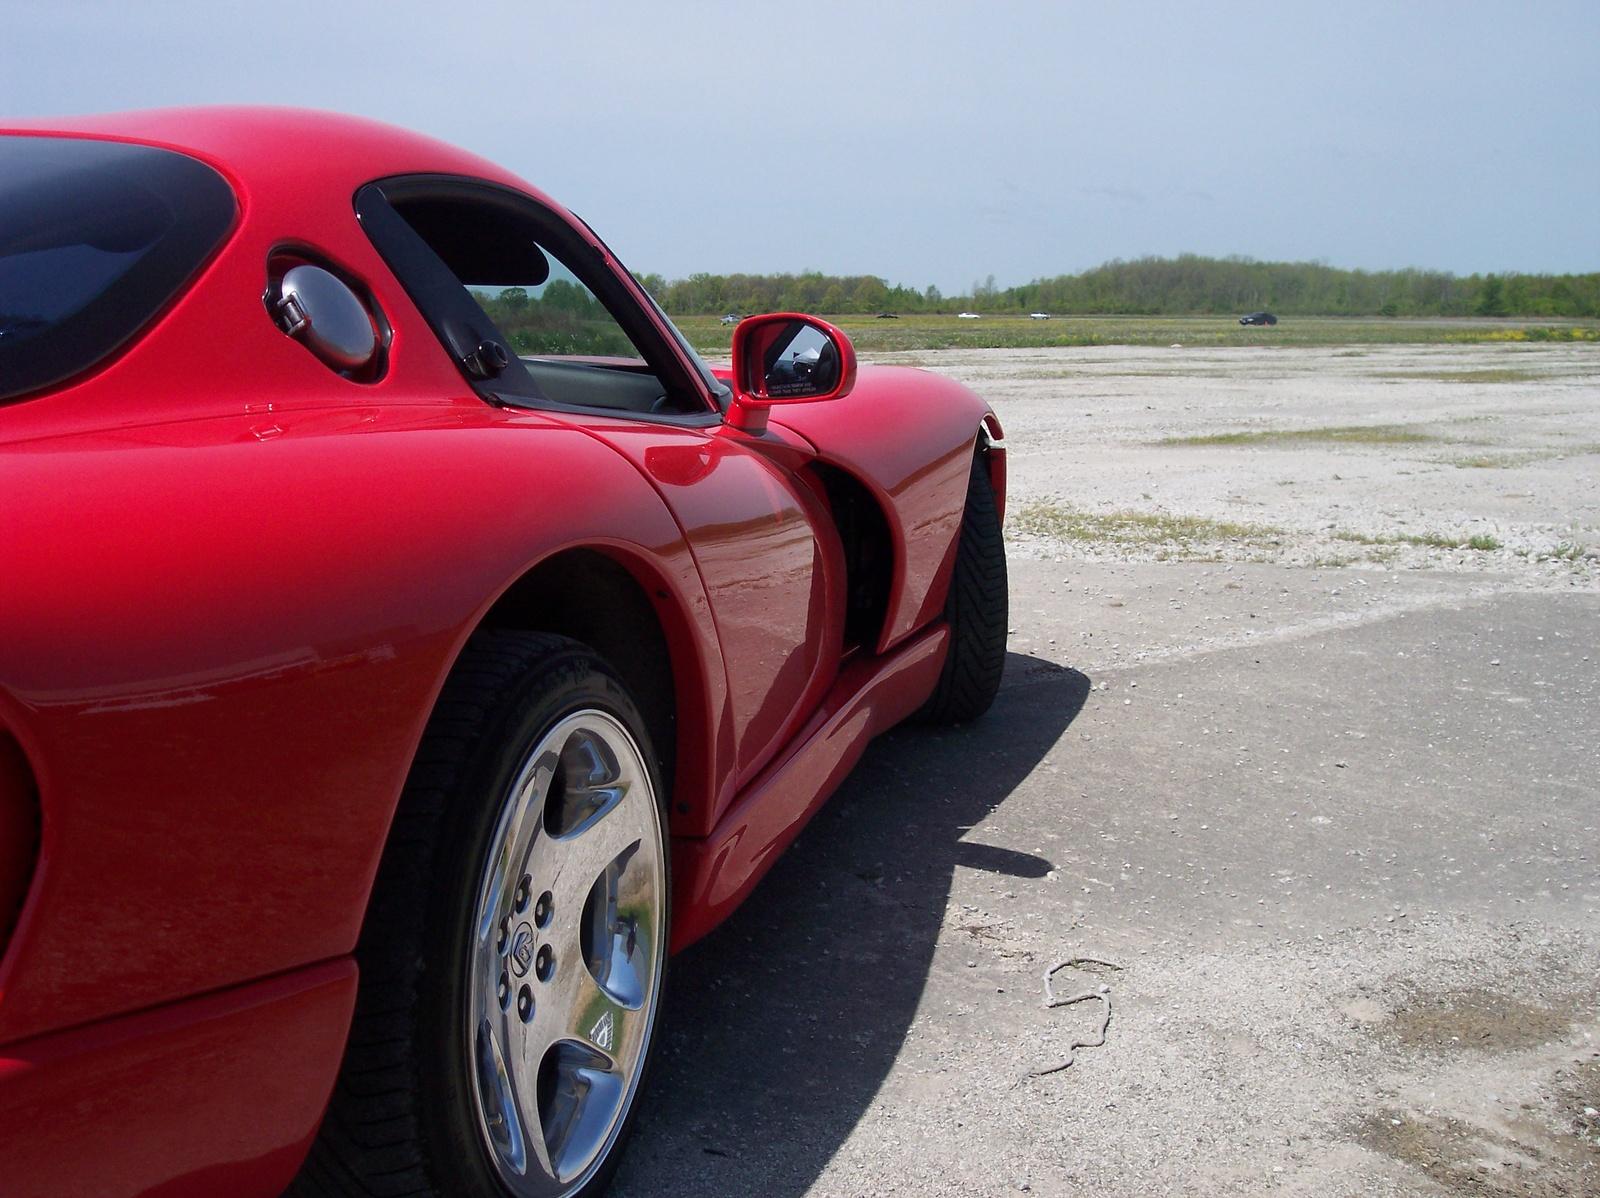 1997 Dodge Viper 2 Dr GTS